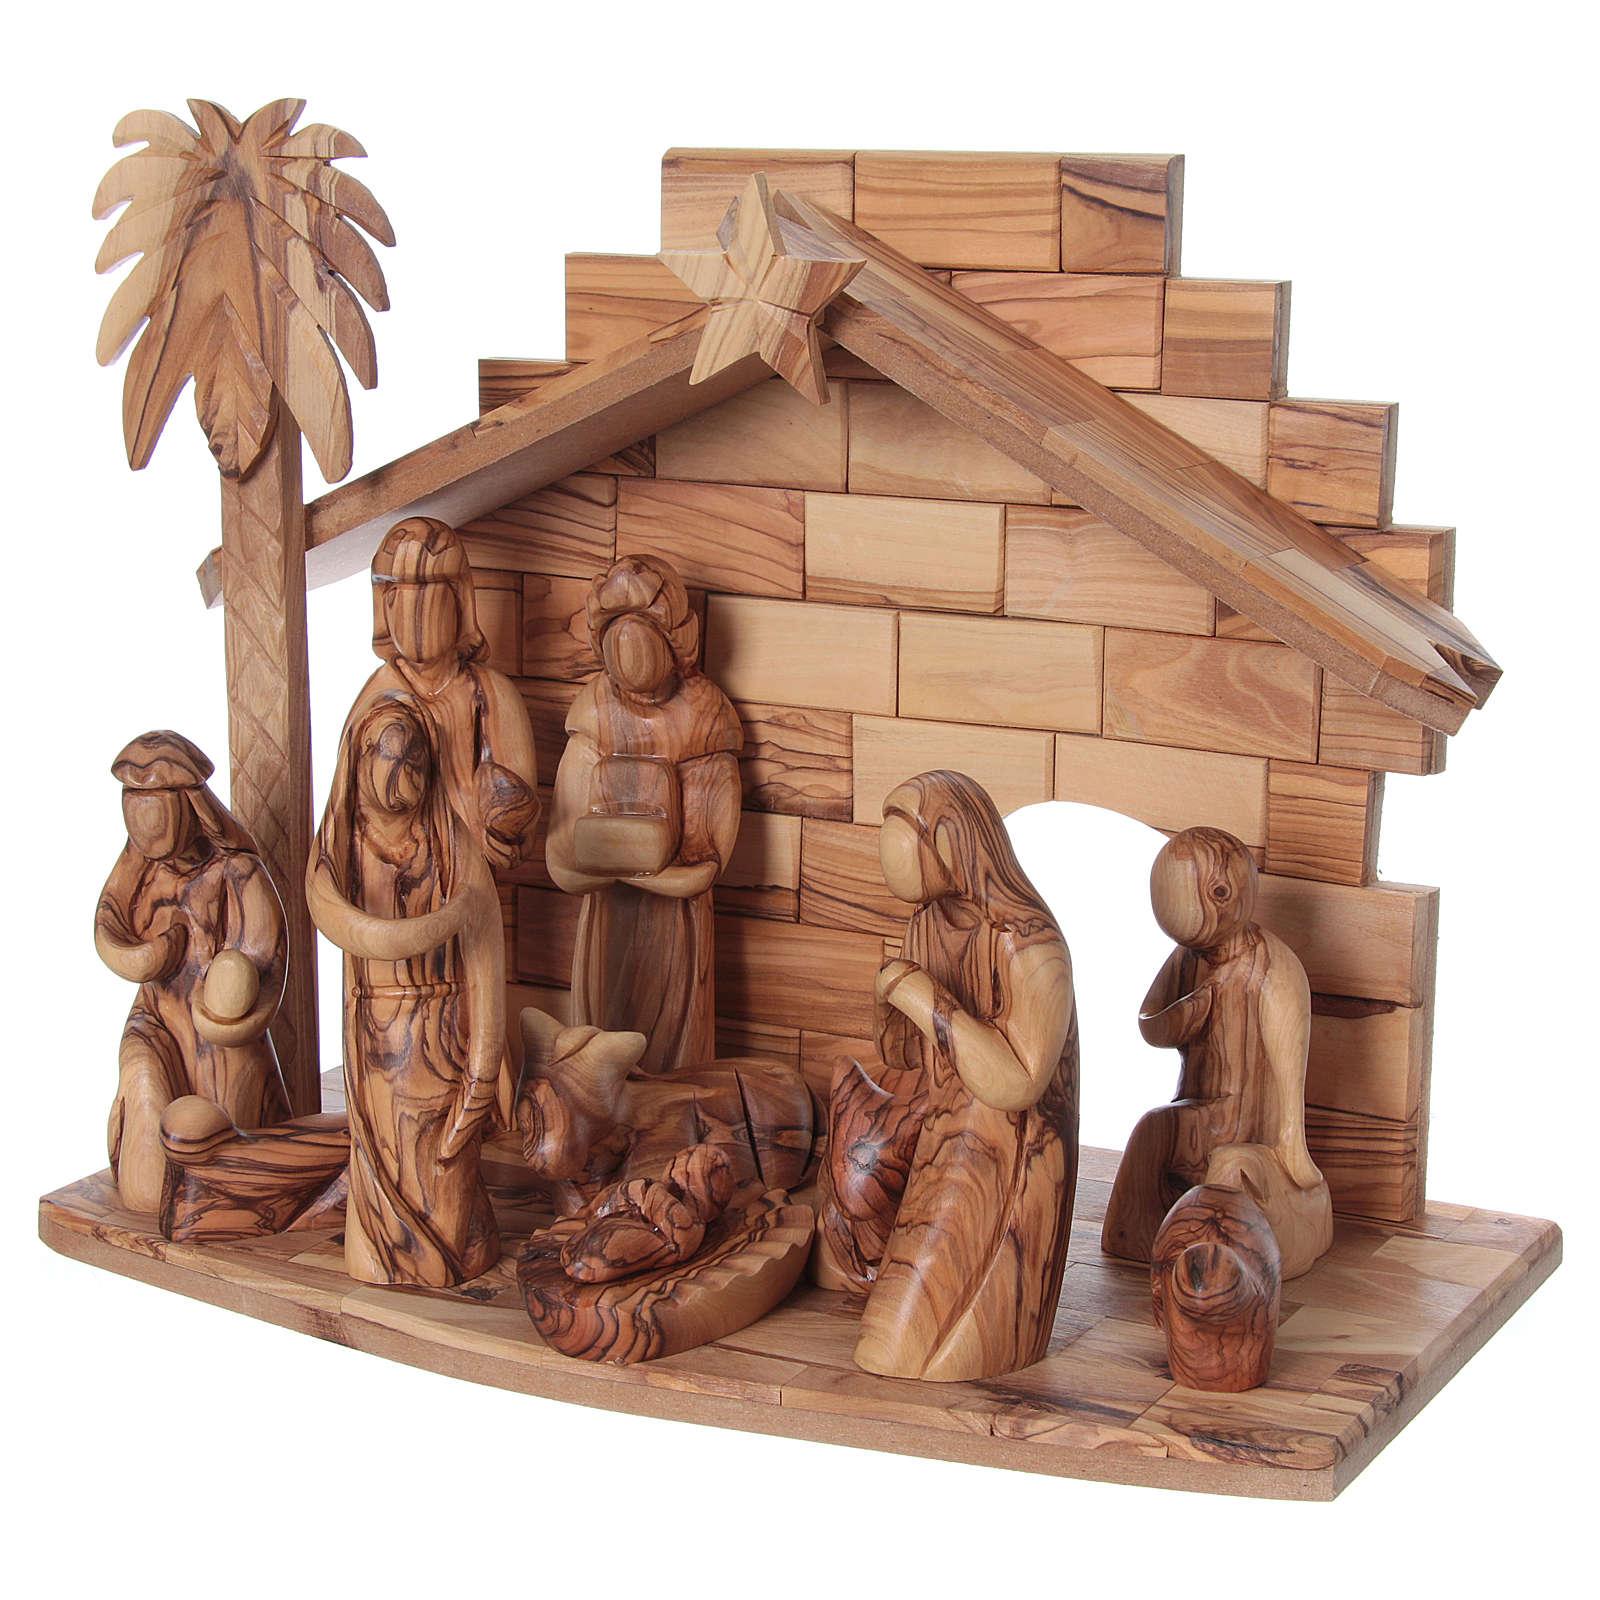 Presepe completo in legno d'ulivo di Betlemme stilizzato 17 cm 4